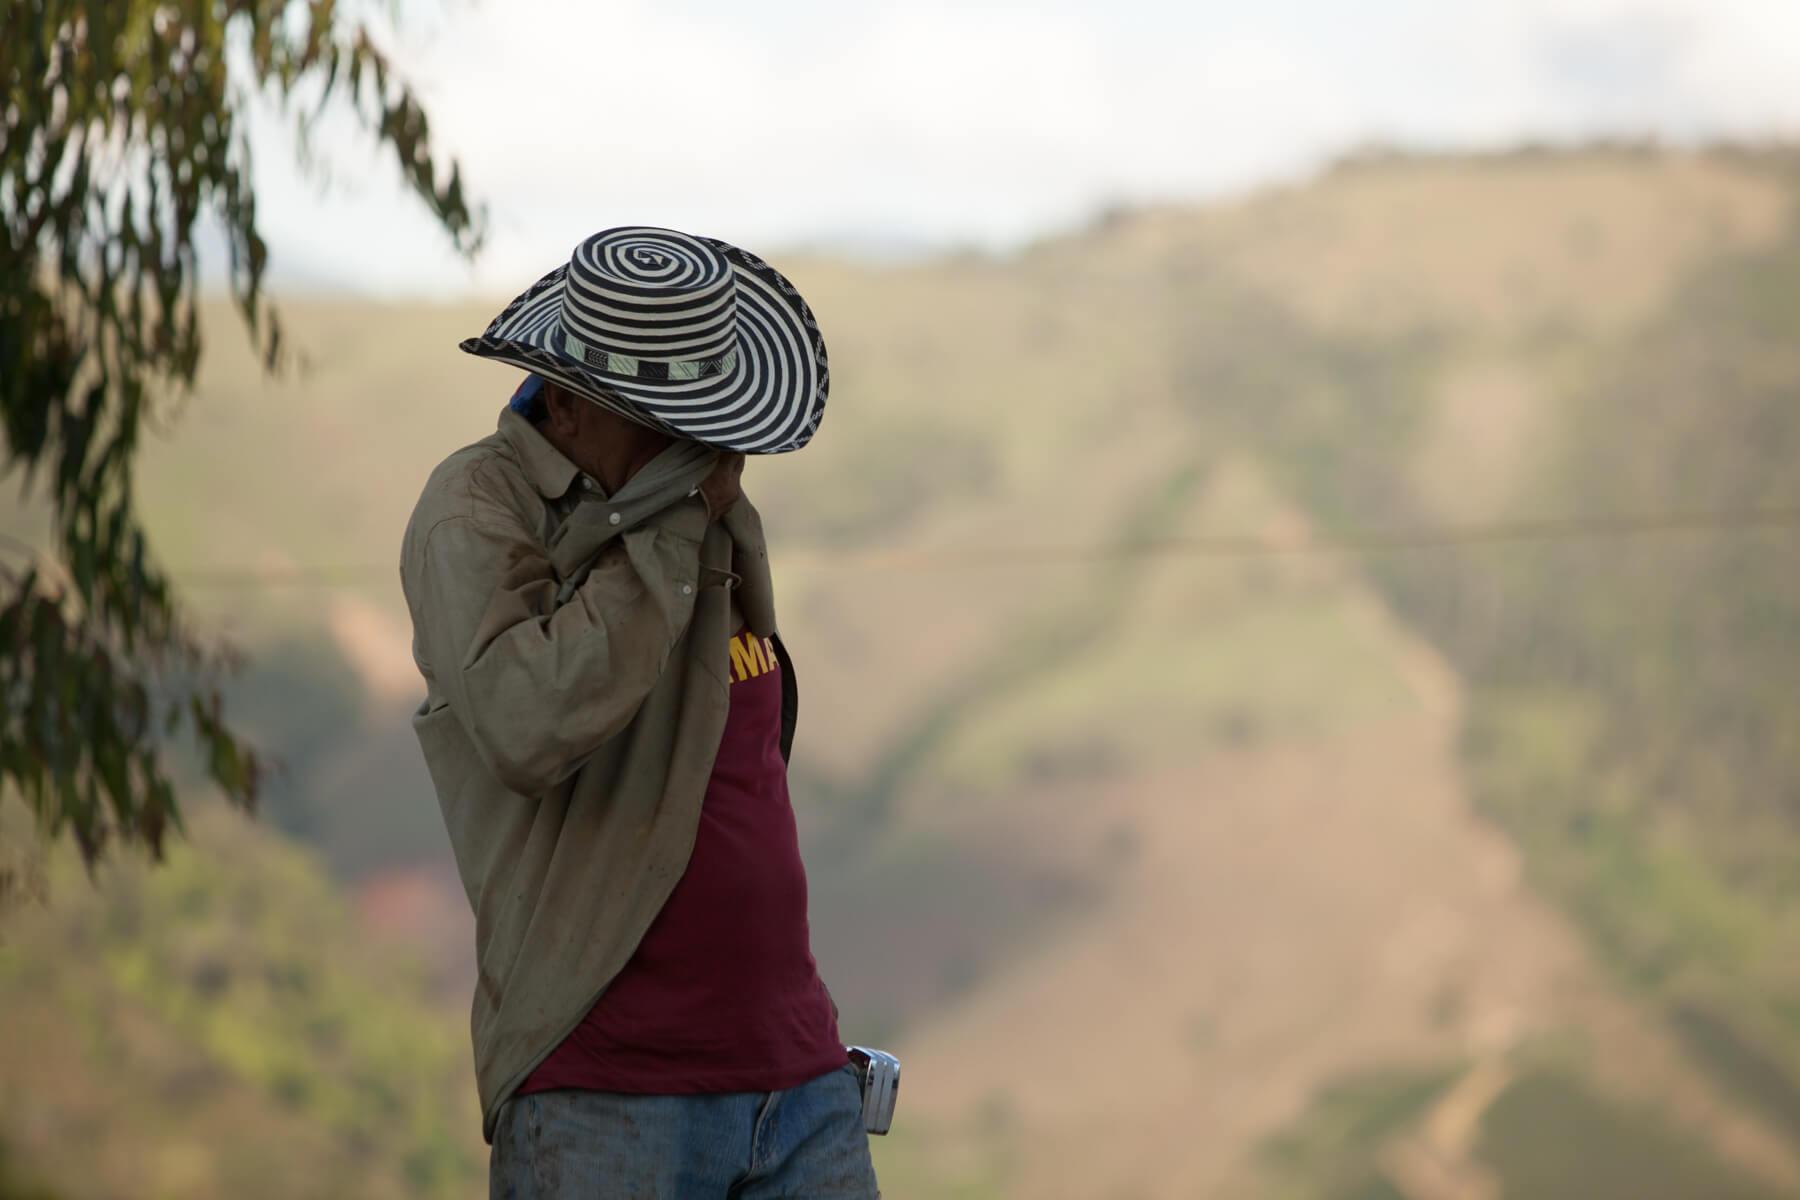 Uno de los teatros de la guerra en Colombia se convirtió por cinco días en teatro de reconciliación. Crónica